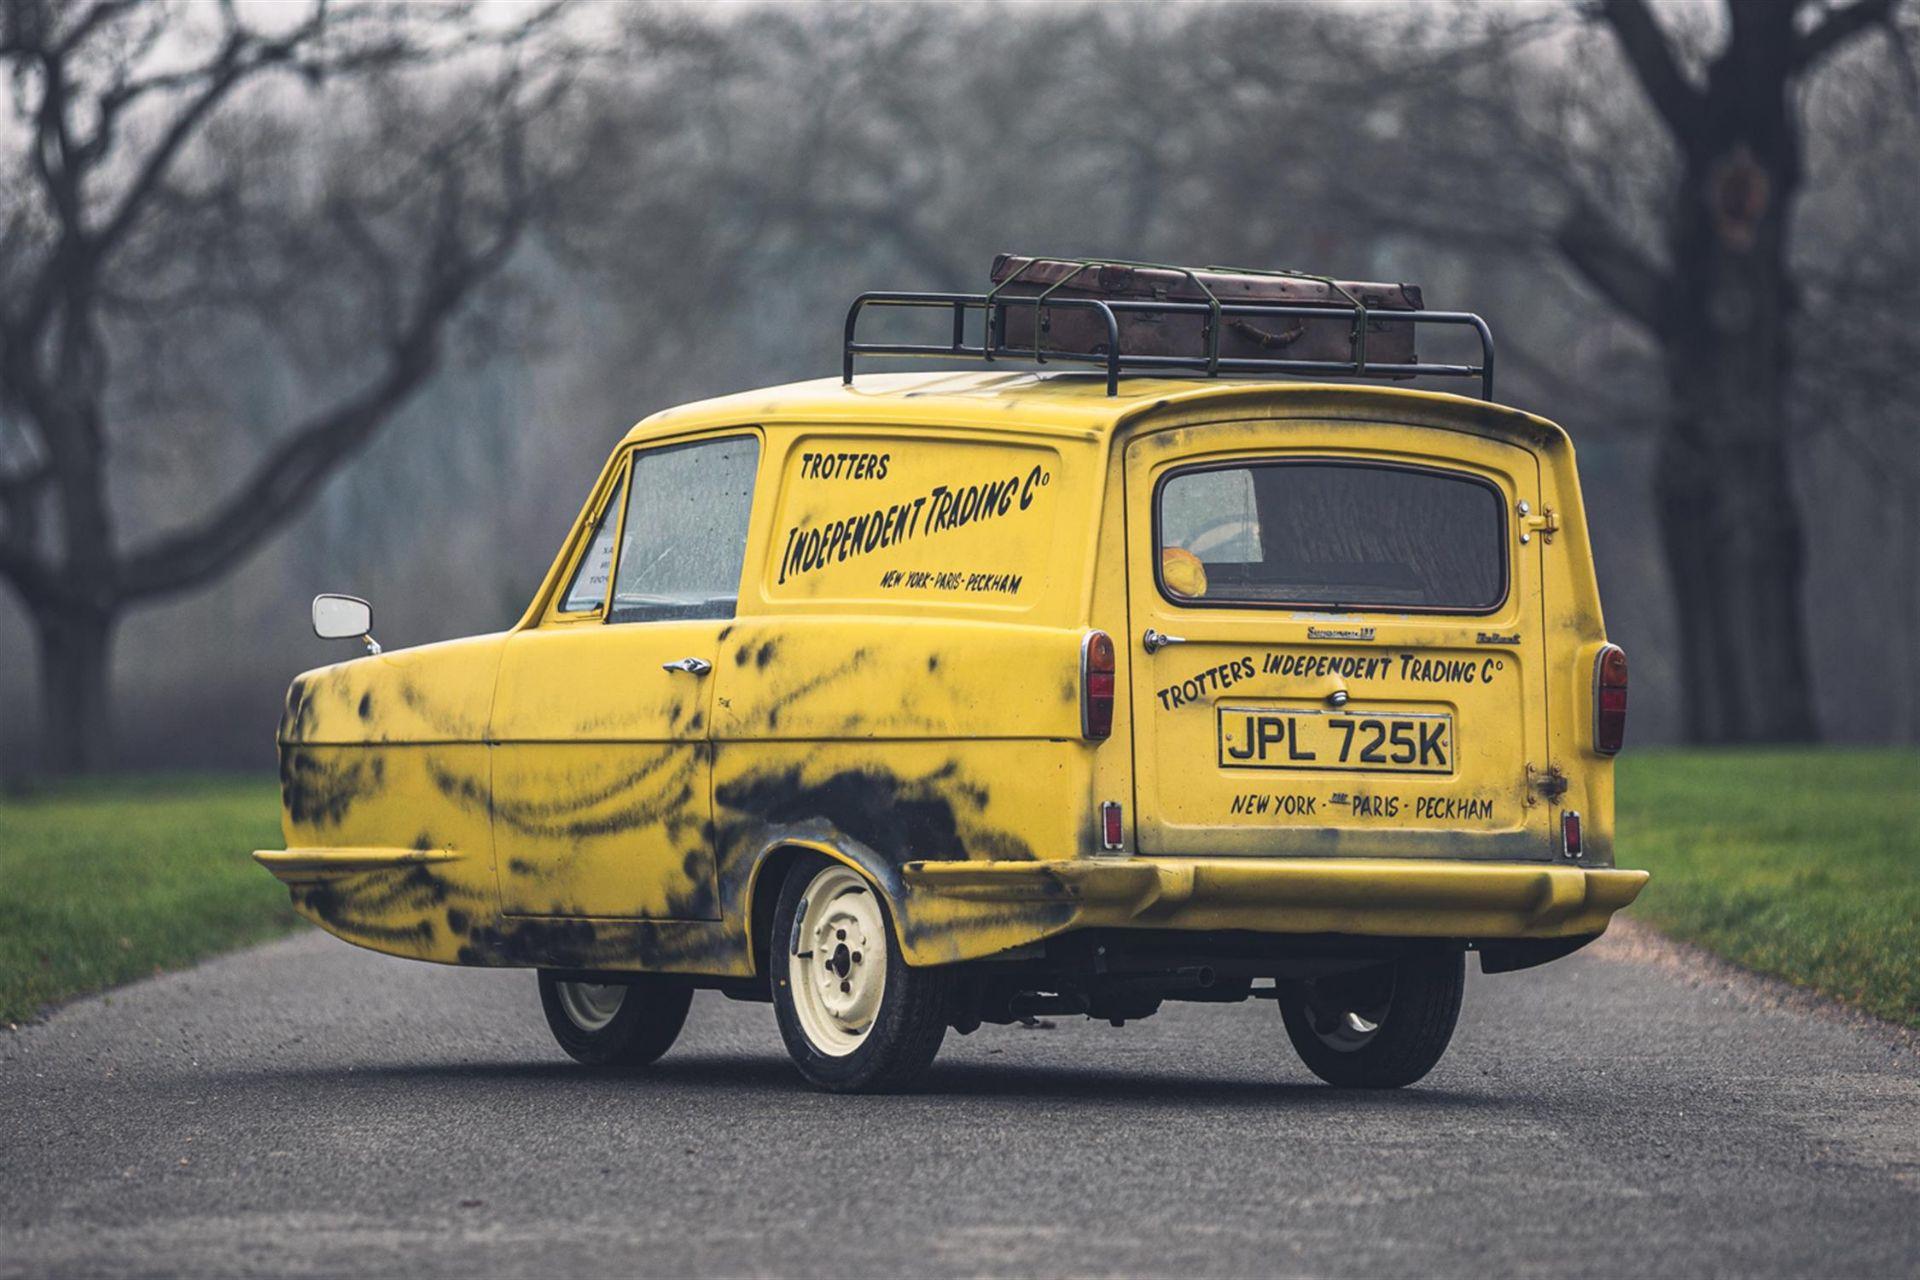 1972 Reliant Regal Supervan III (Trotters Independent Trading Van) - Image 3 of 10